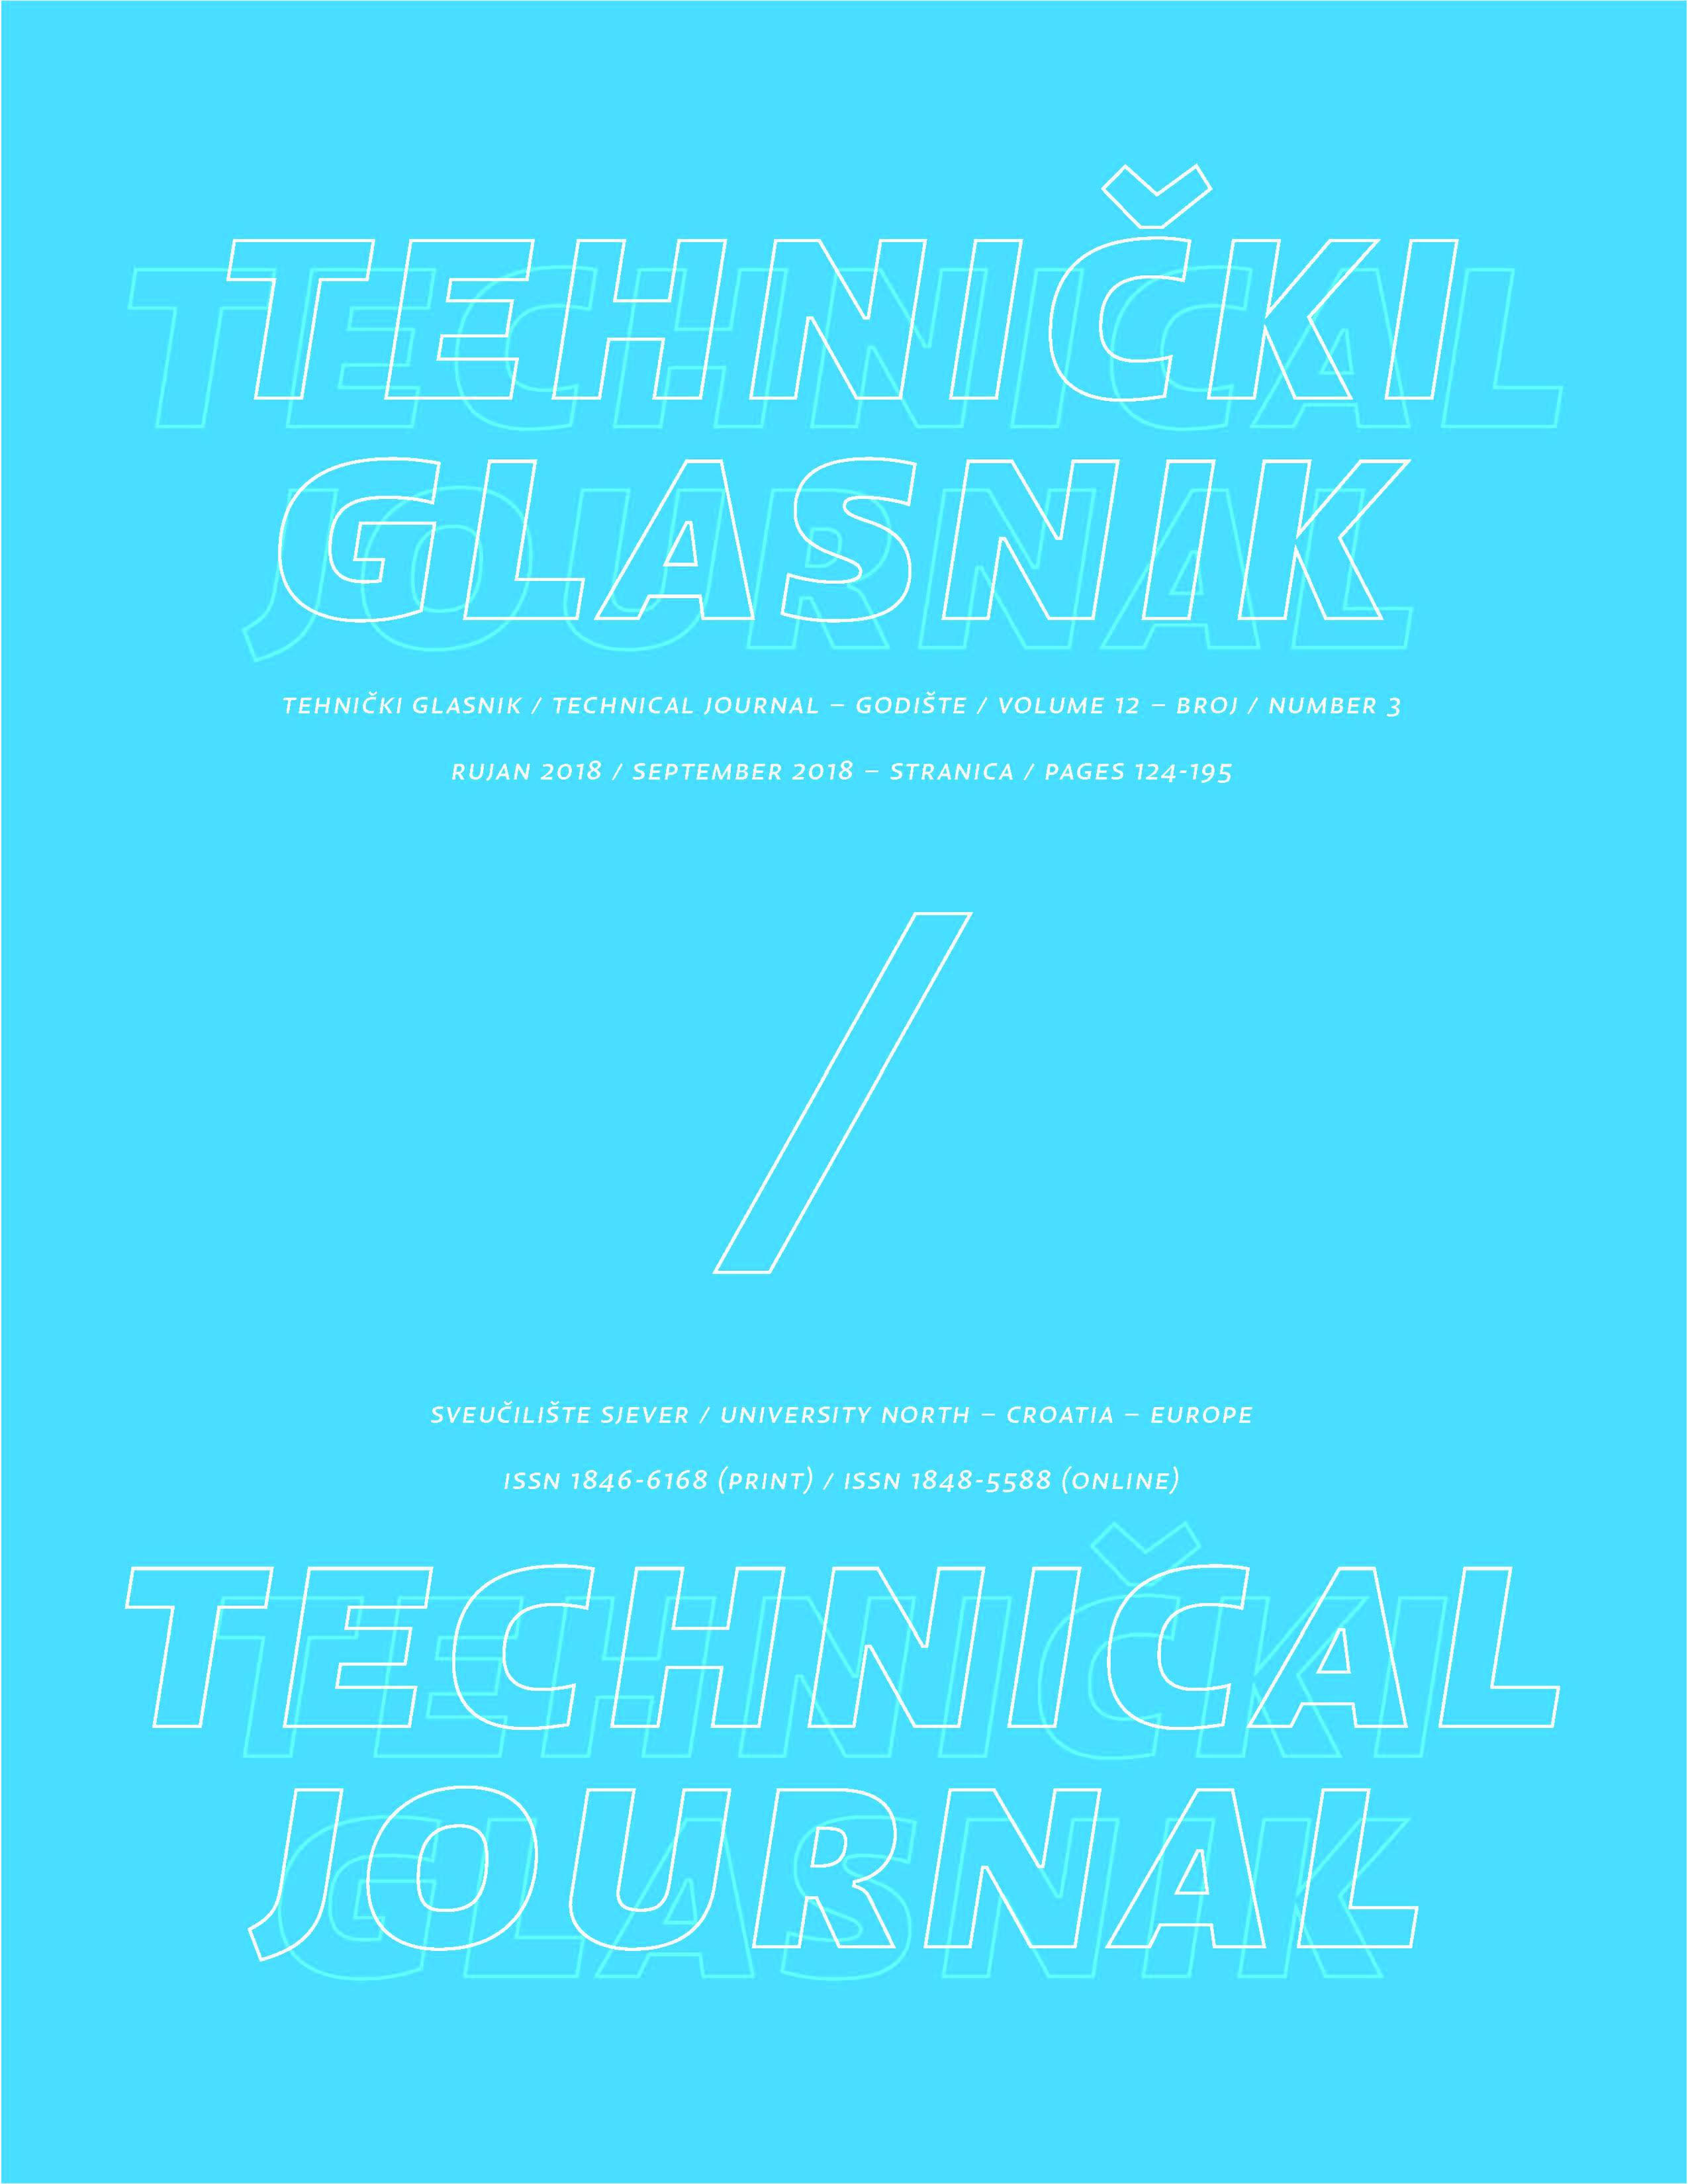 Tehnički glasnik 2/2018